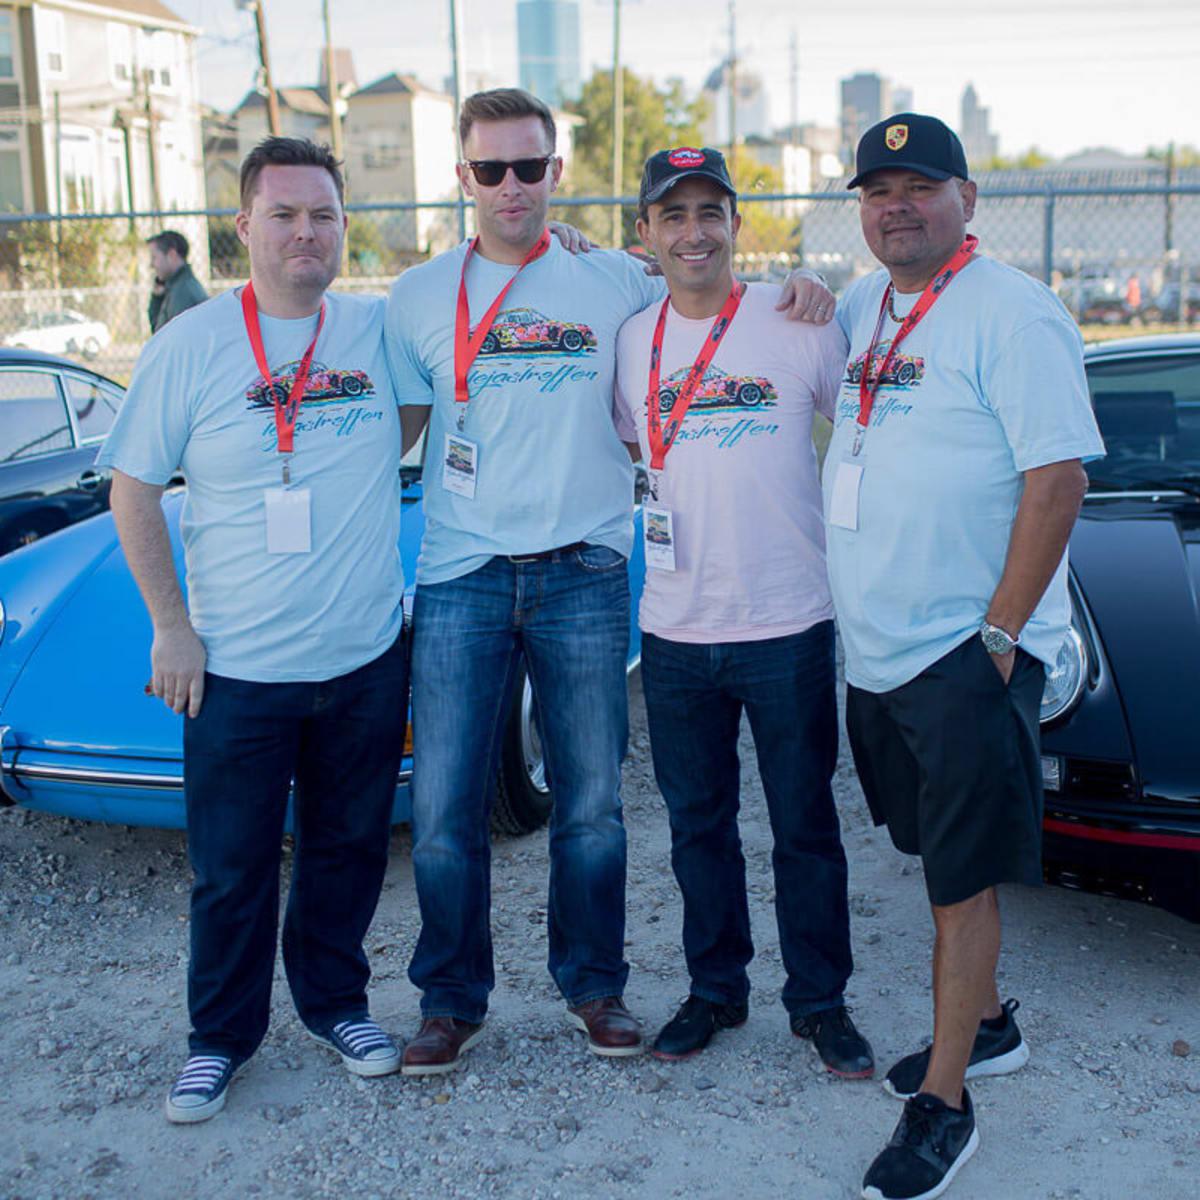 Houston, TejasTreffen Porsche event, Nov 2016, Rudy Mancinas, Michael Meldrum, Antonio Kawage, Neils Meissner